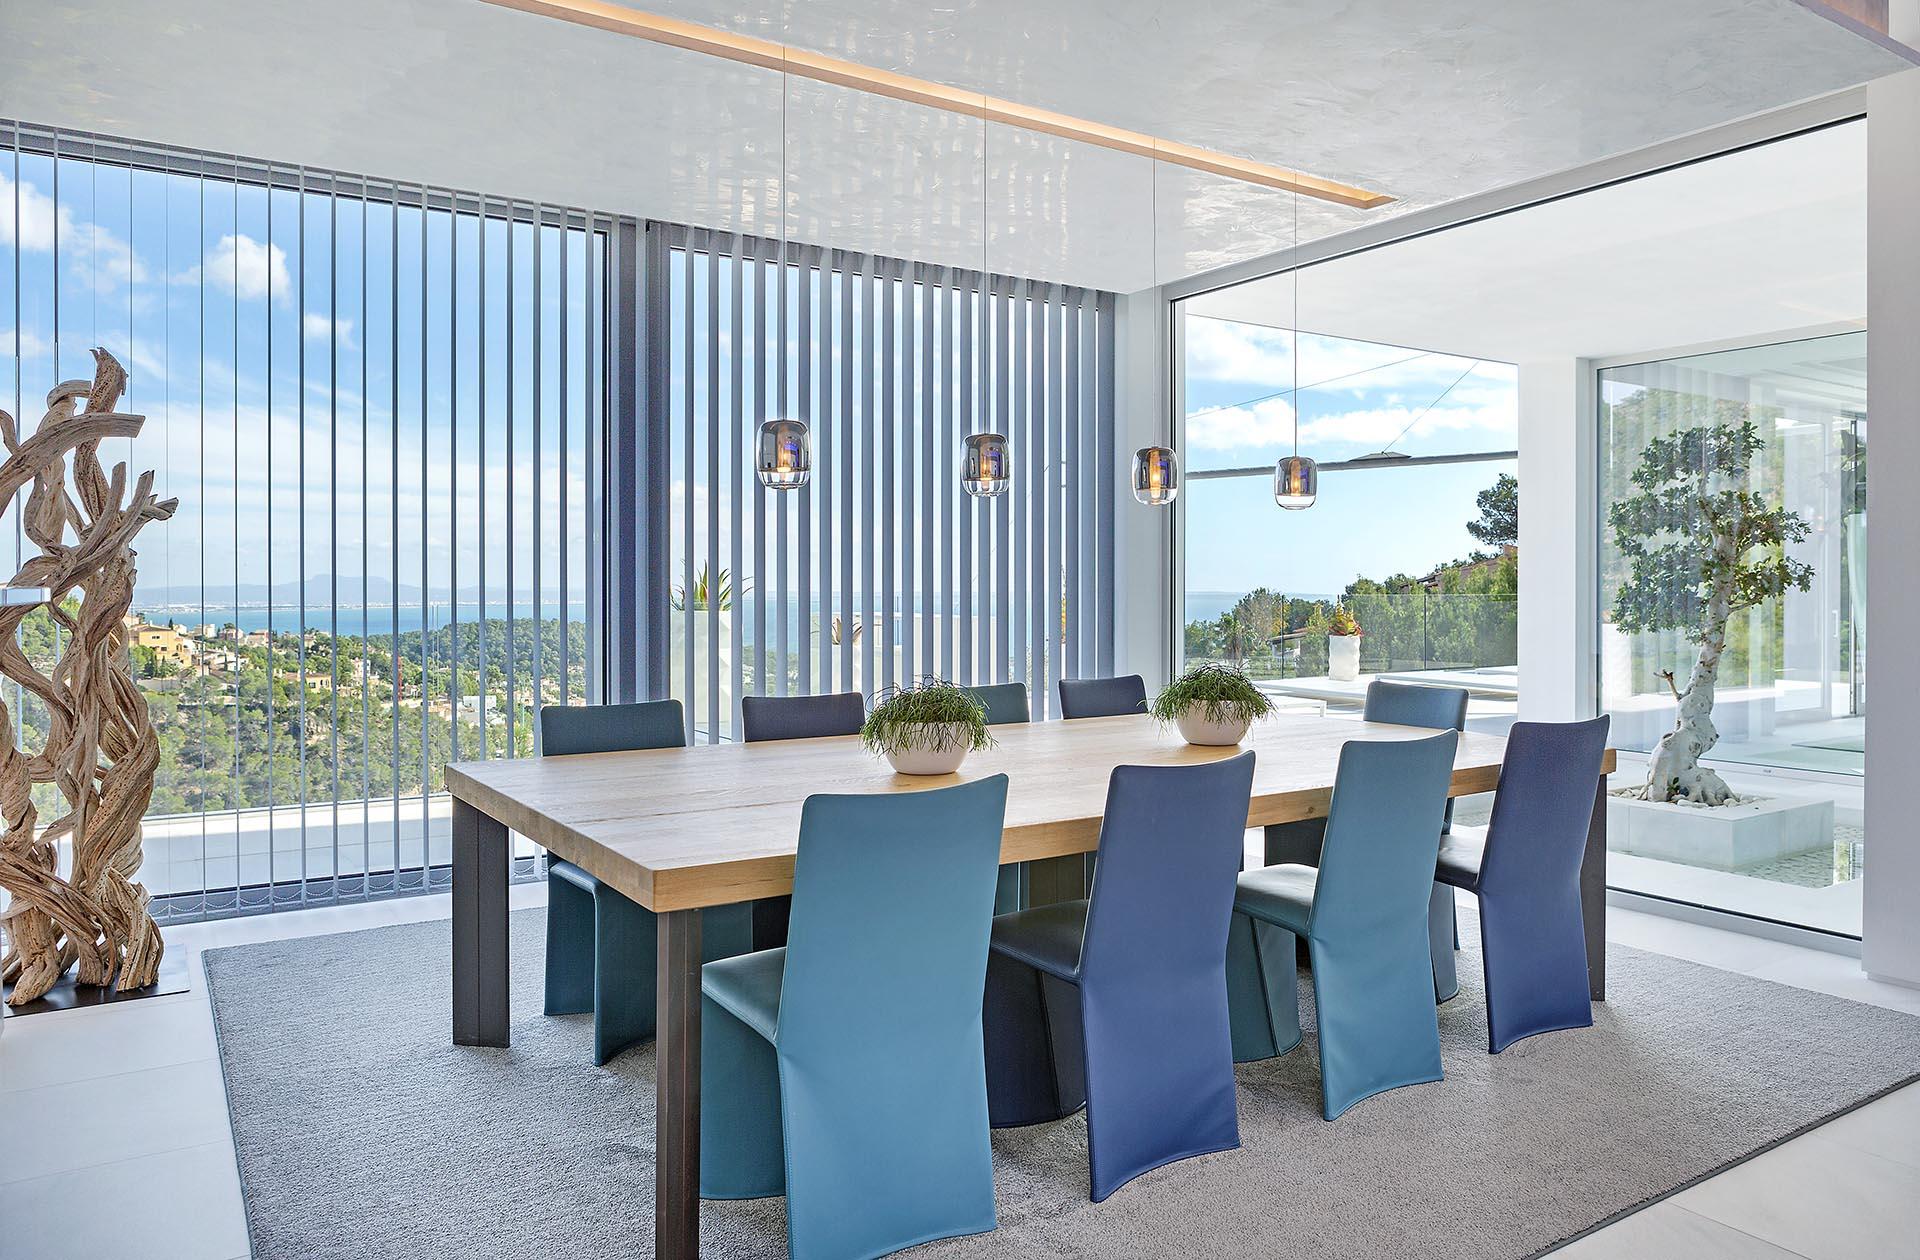 Traumhafte moderne Villa in Costa den Blanes - Geräumiges Esszimmer